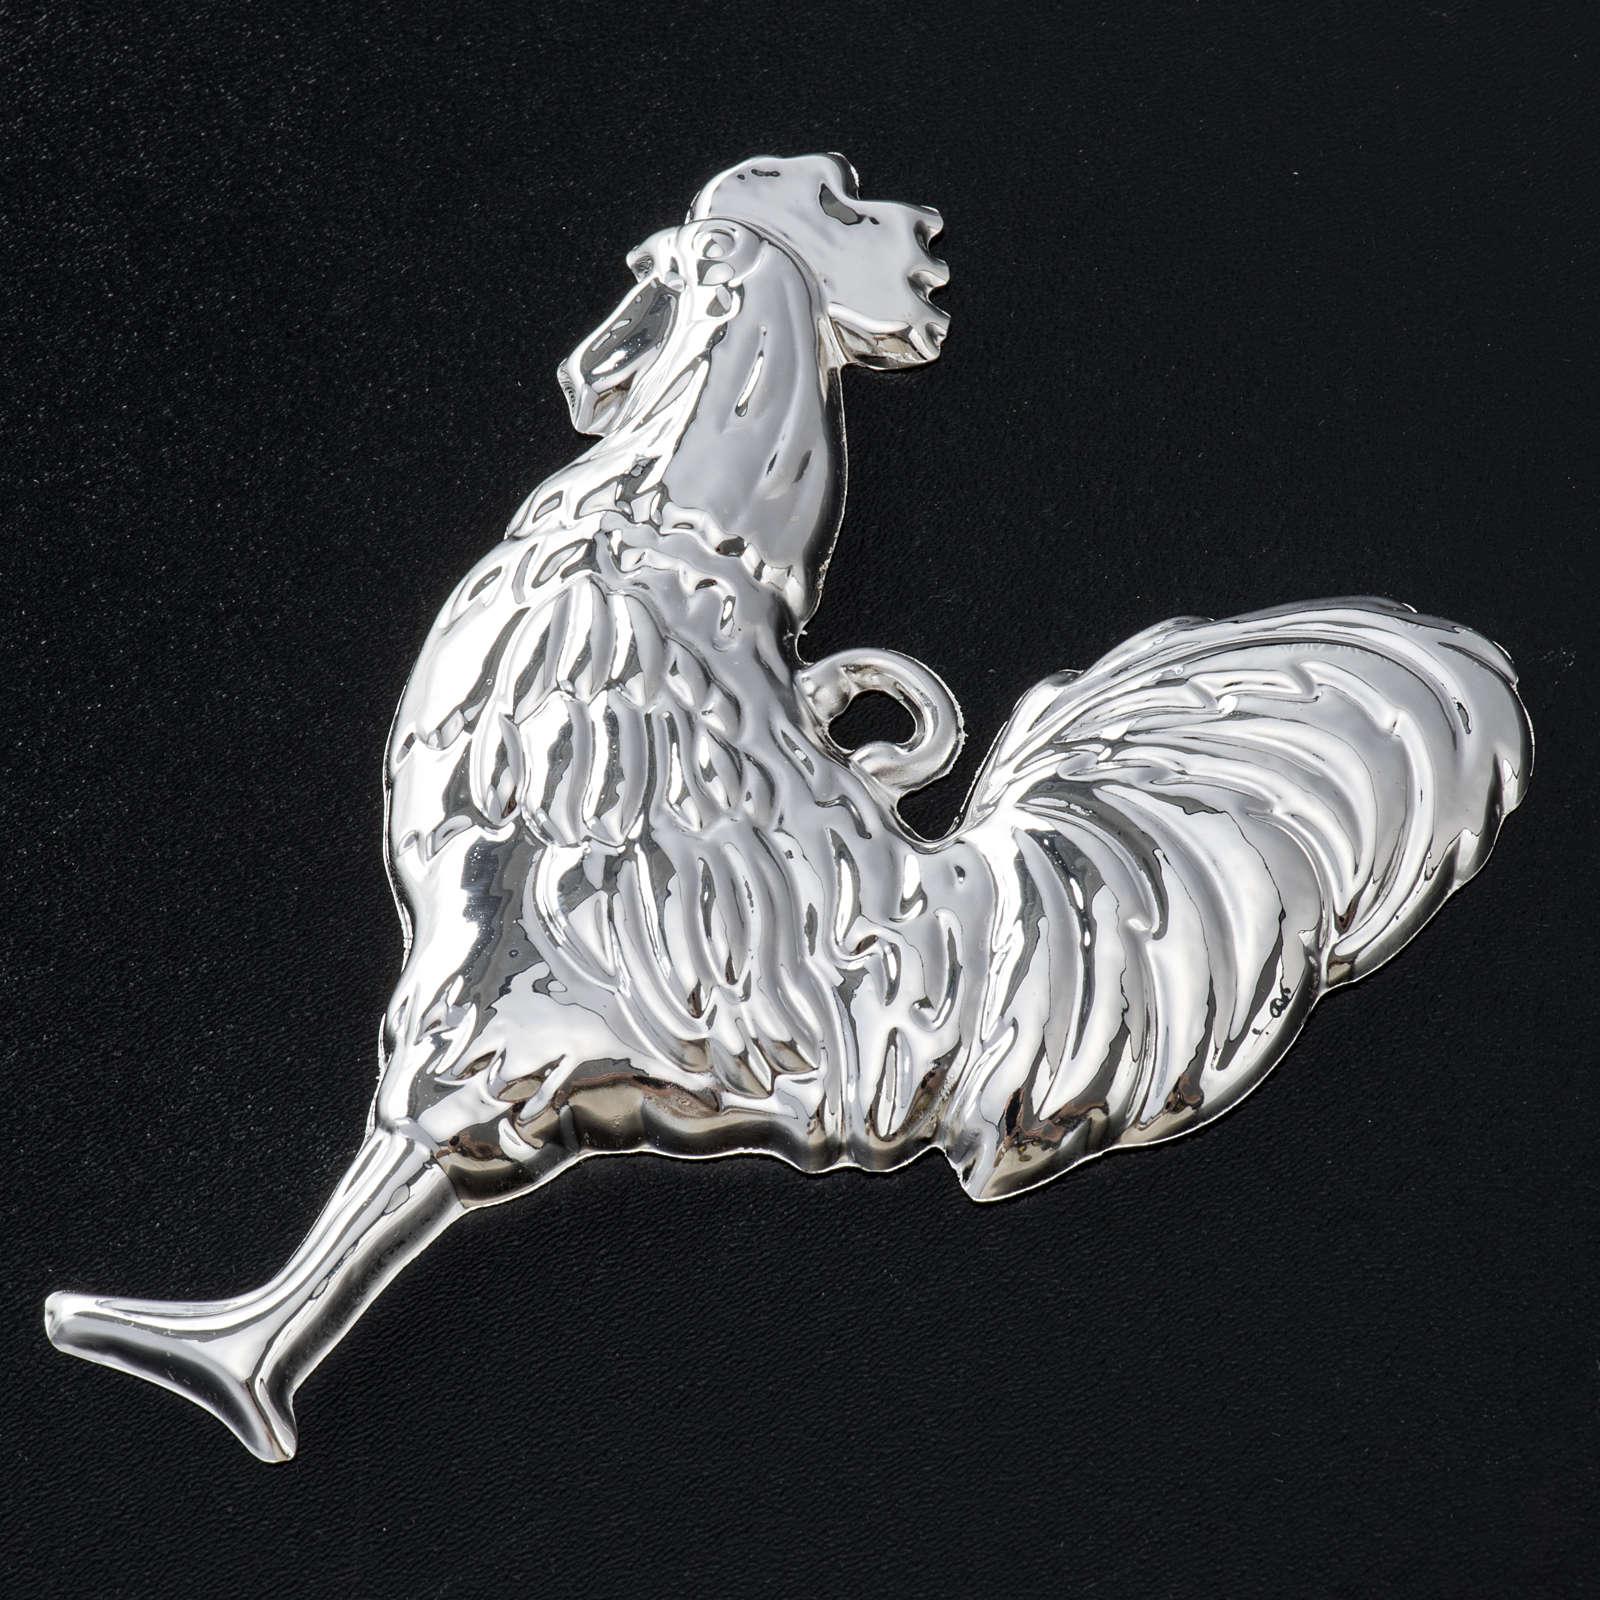 Exvoto gallo argento 925 o metallo 10x8 cm 3